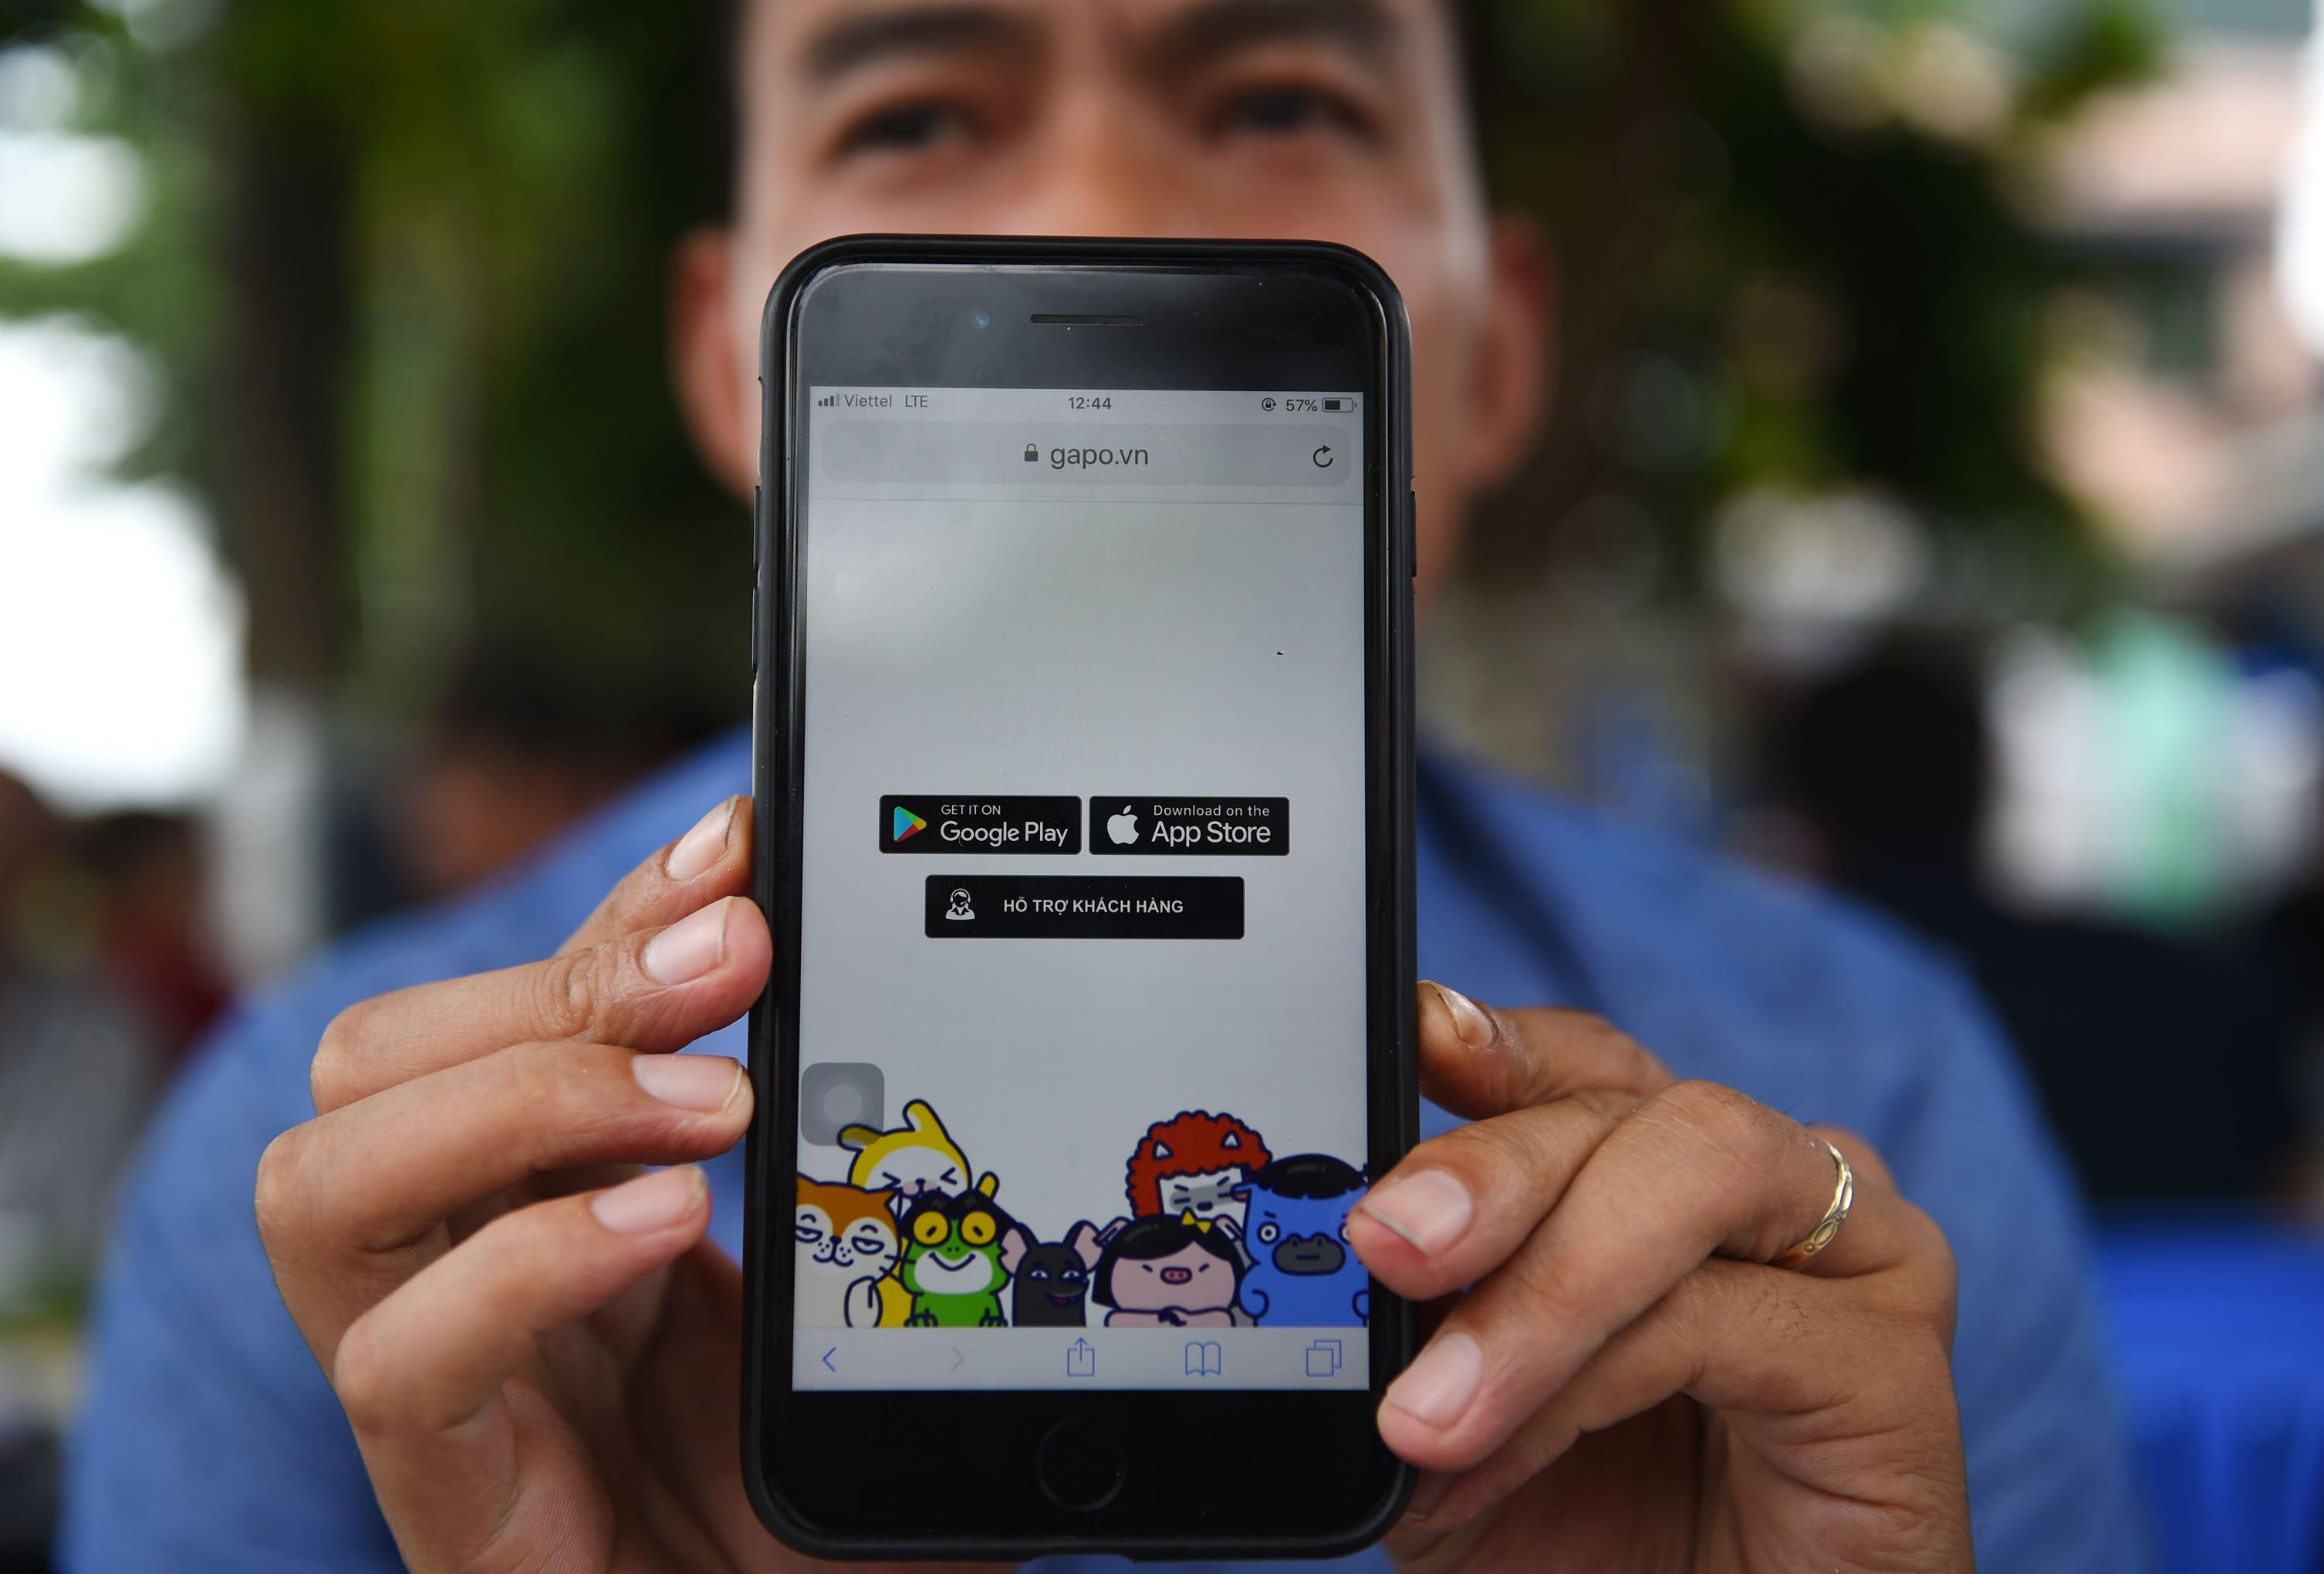 Un vietnamita muestra la aplicación desde su móvil